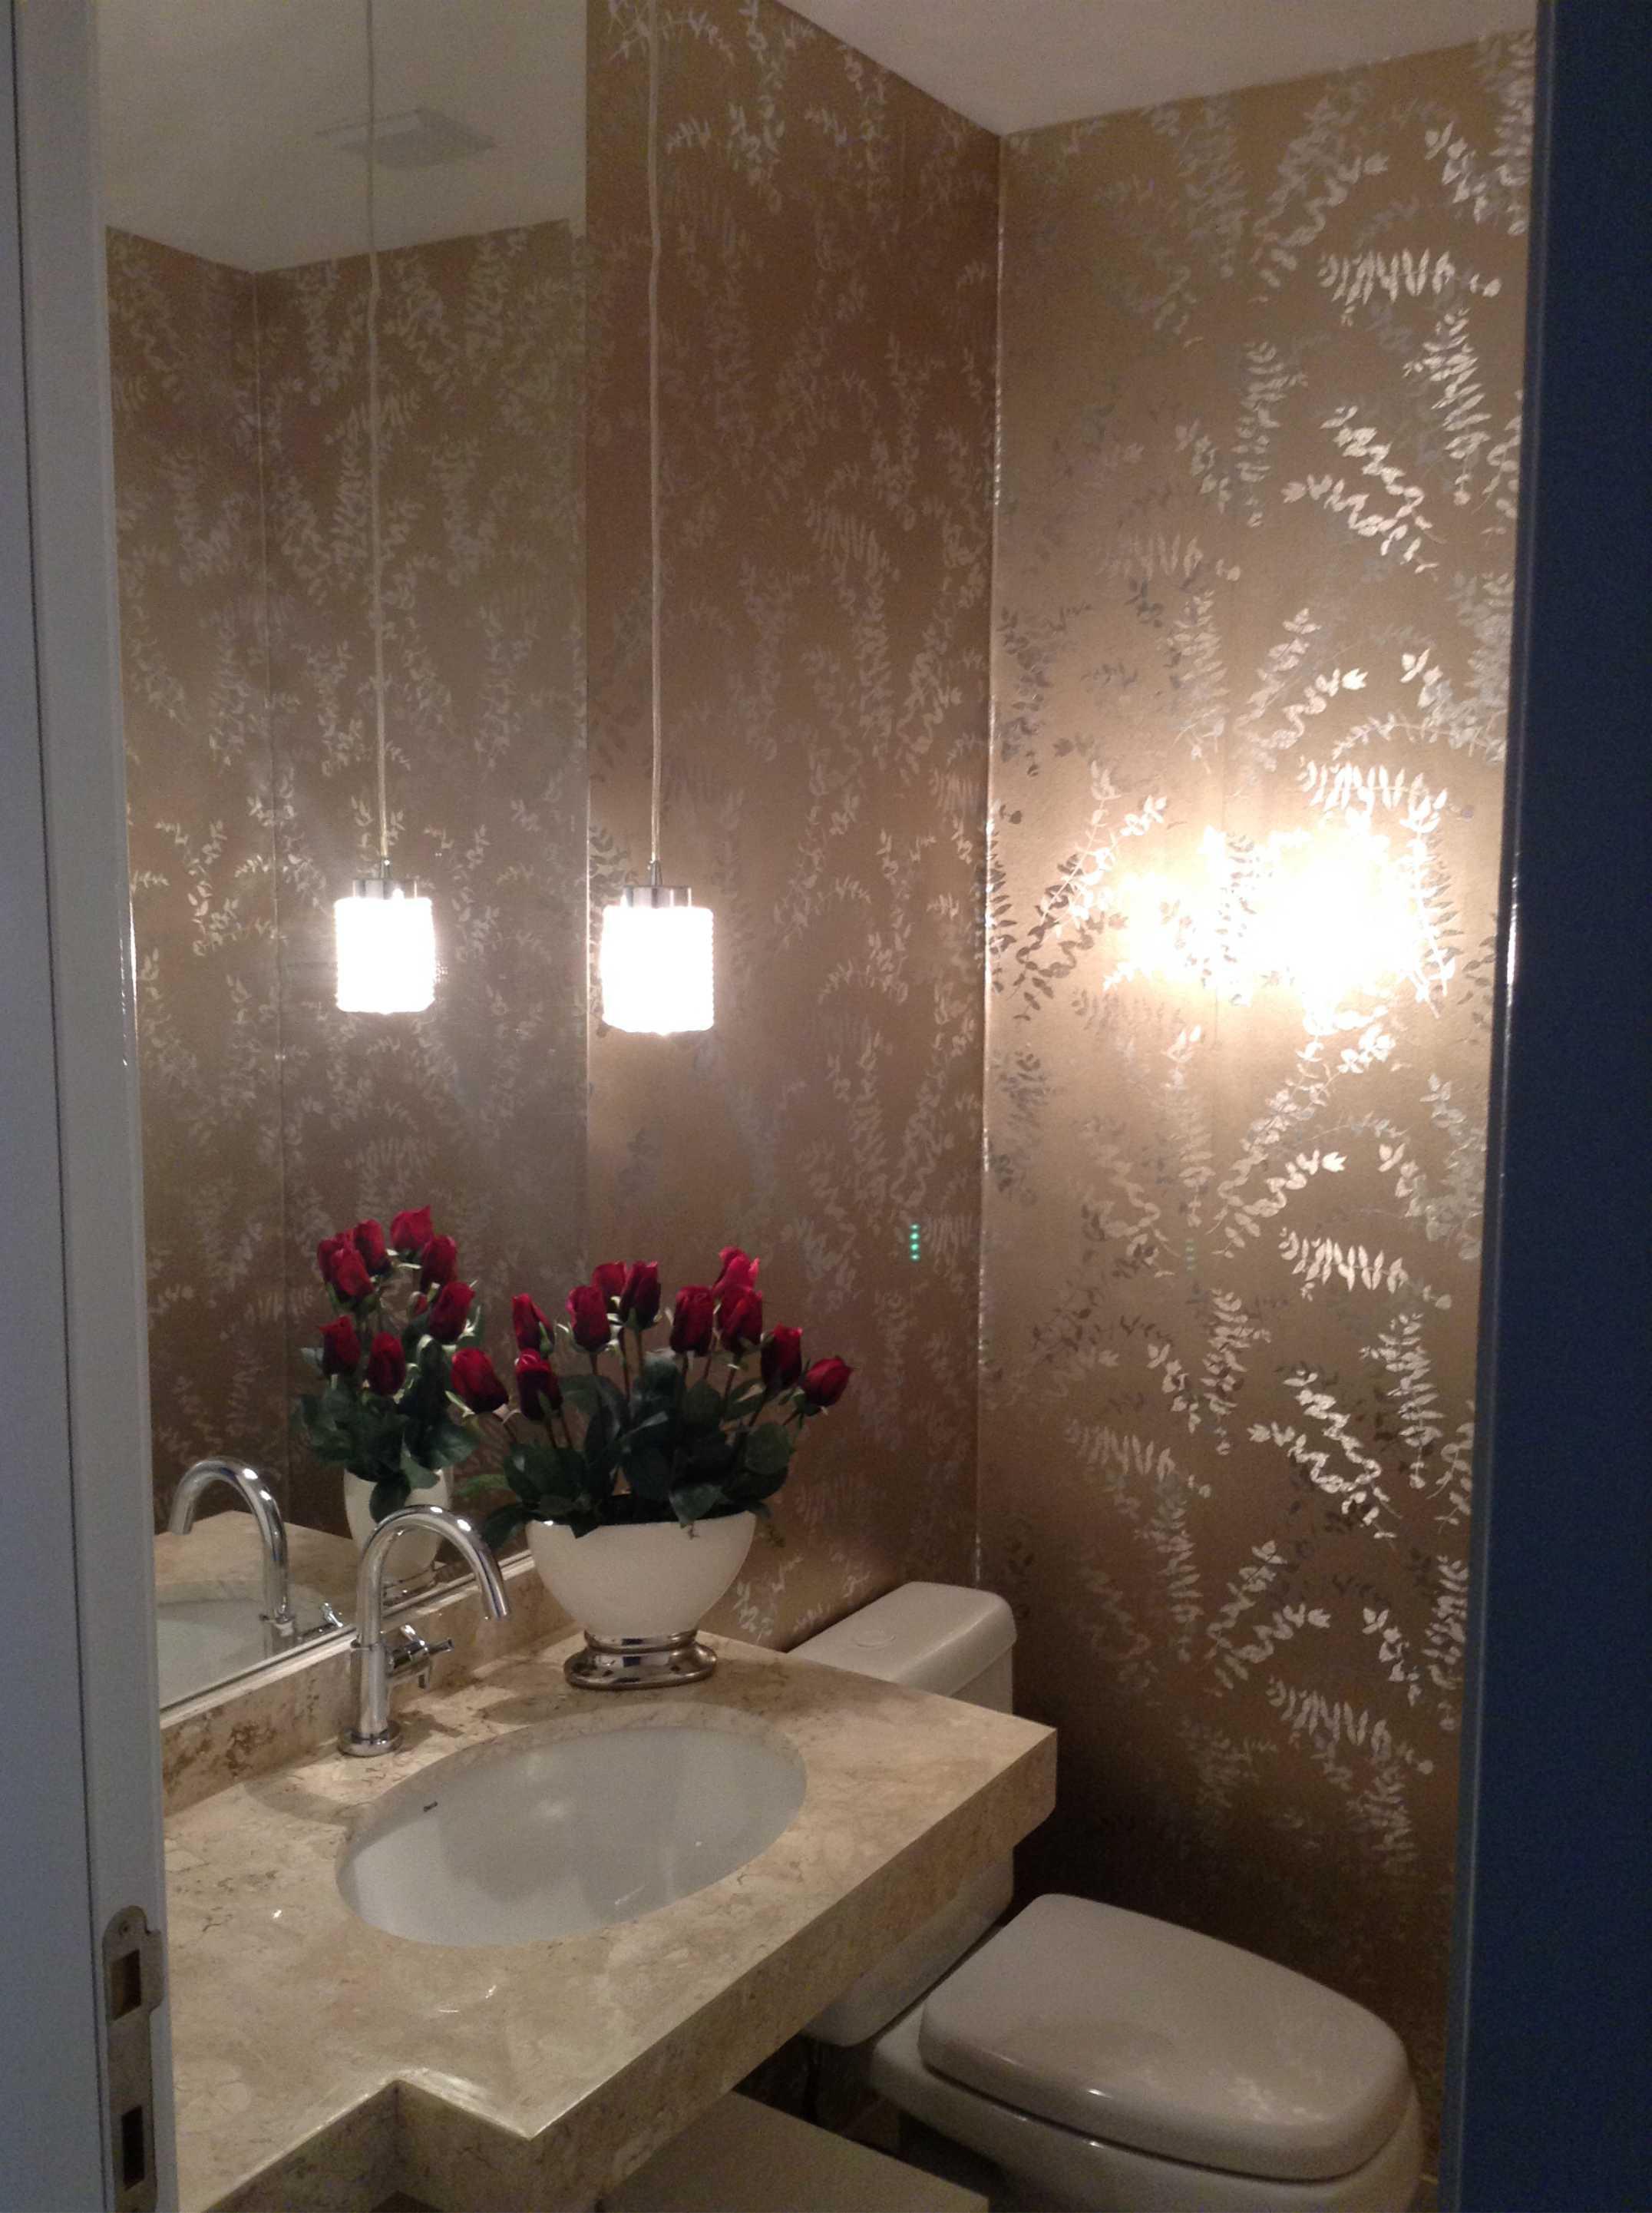 decoracao no lavabo:Ele hoje ocupa lugar de destaque, mudando conceitos na decoração com